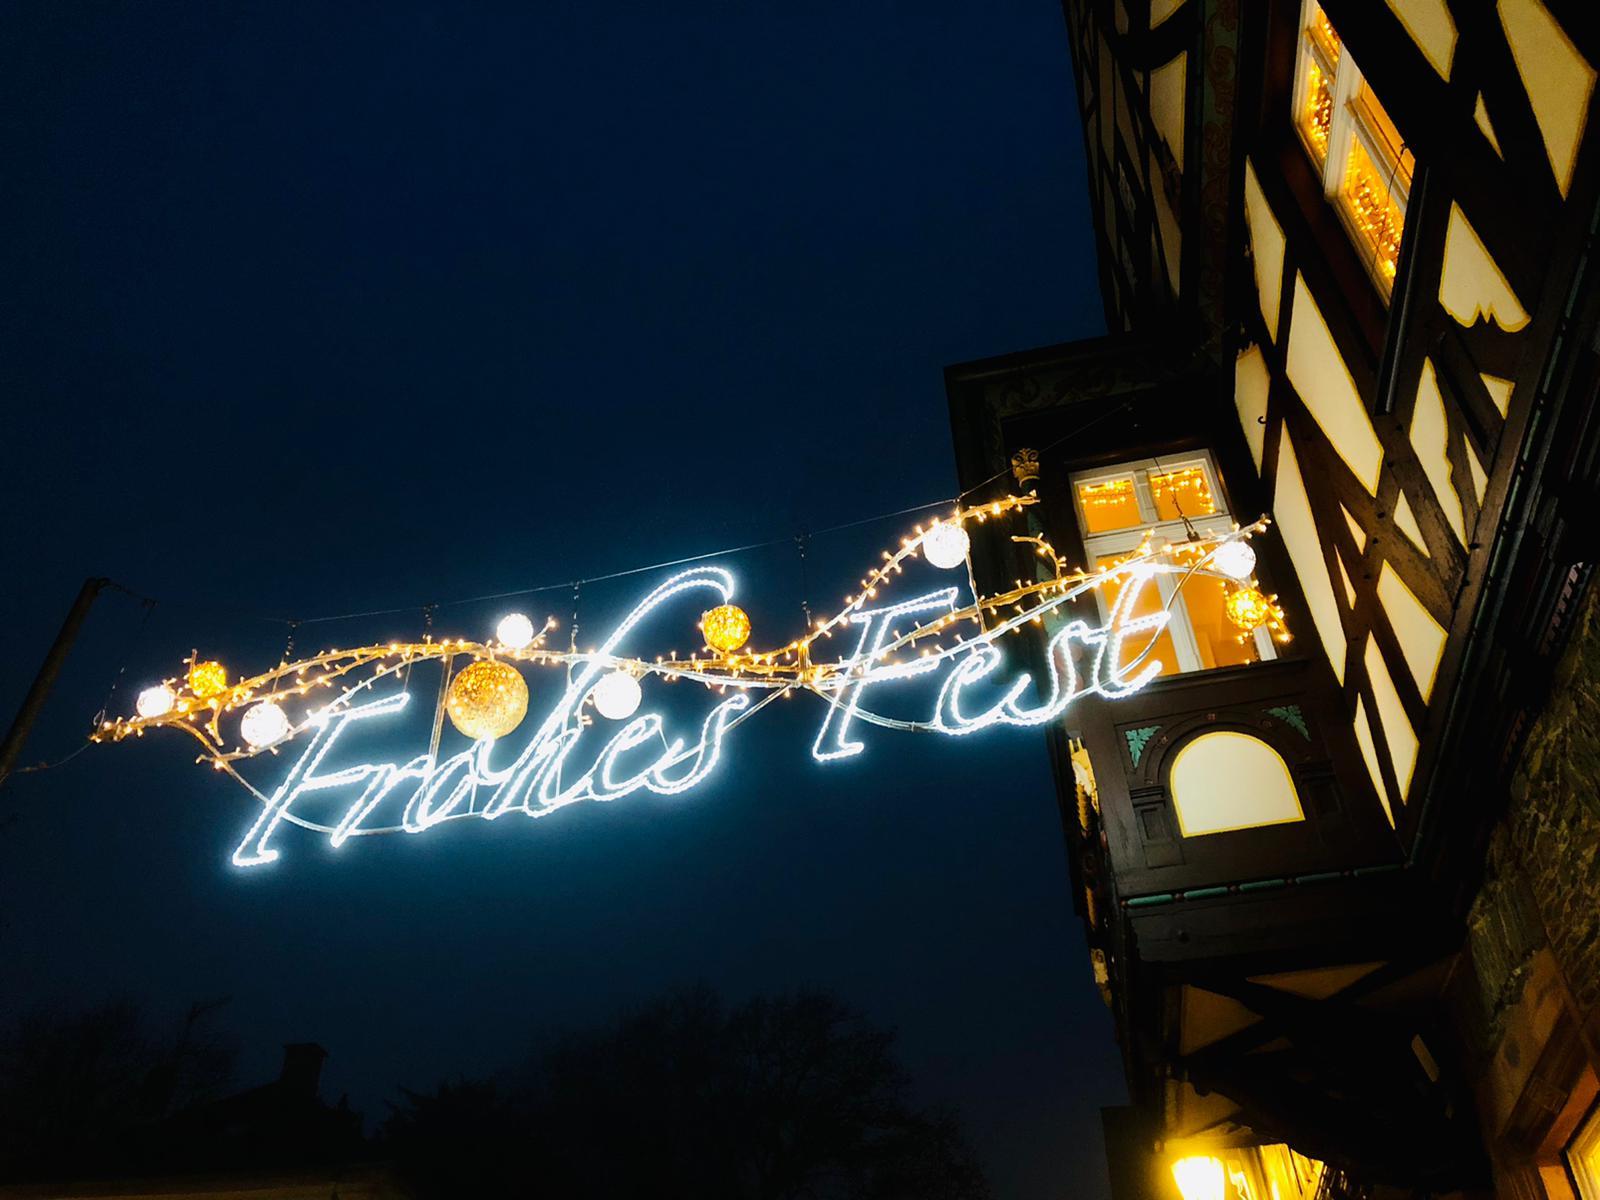 Die neue Braunfelser Weihachtsbeleuchtung begrüßt die Gäste der Altstadt (c) Braunfelser Kur GmbH